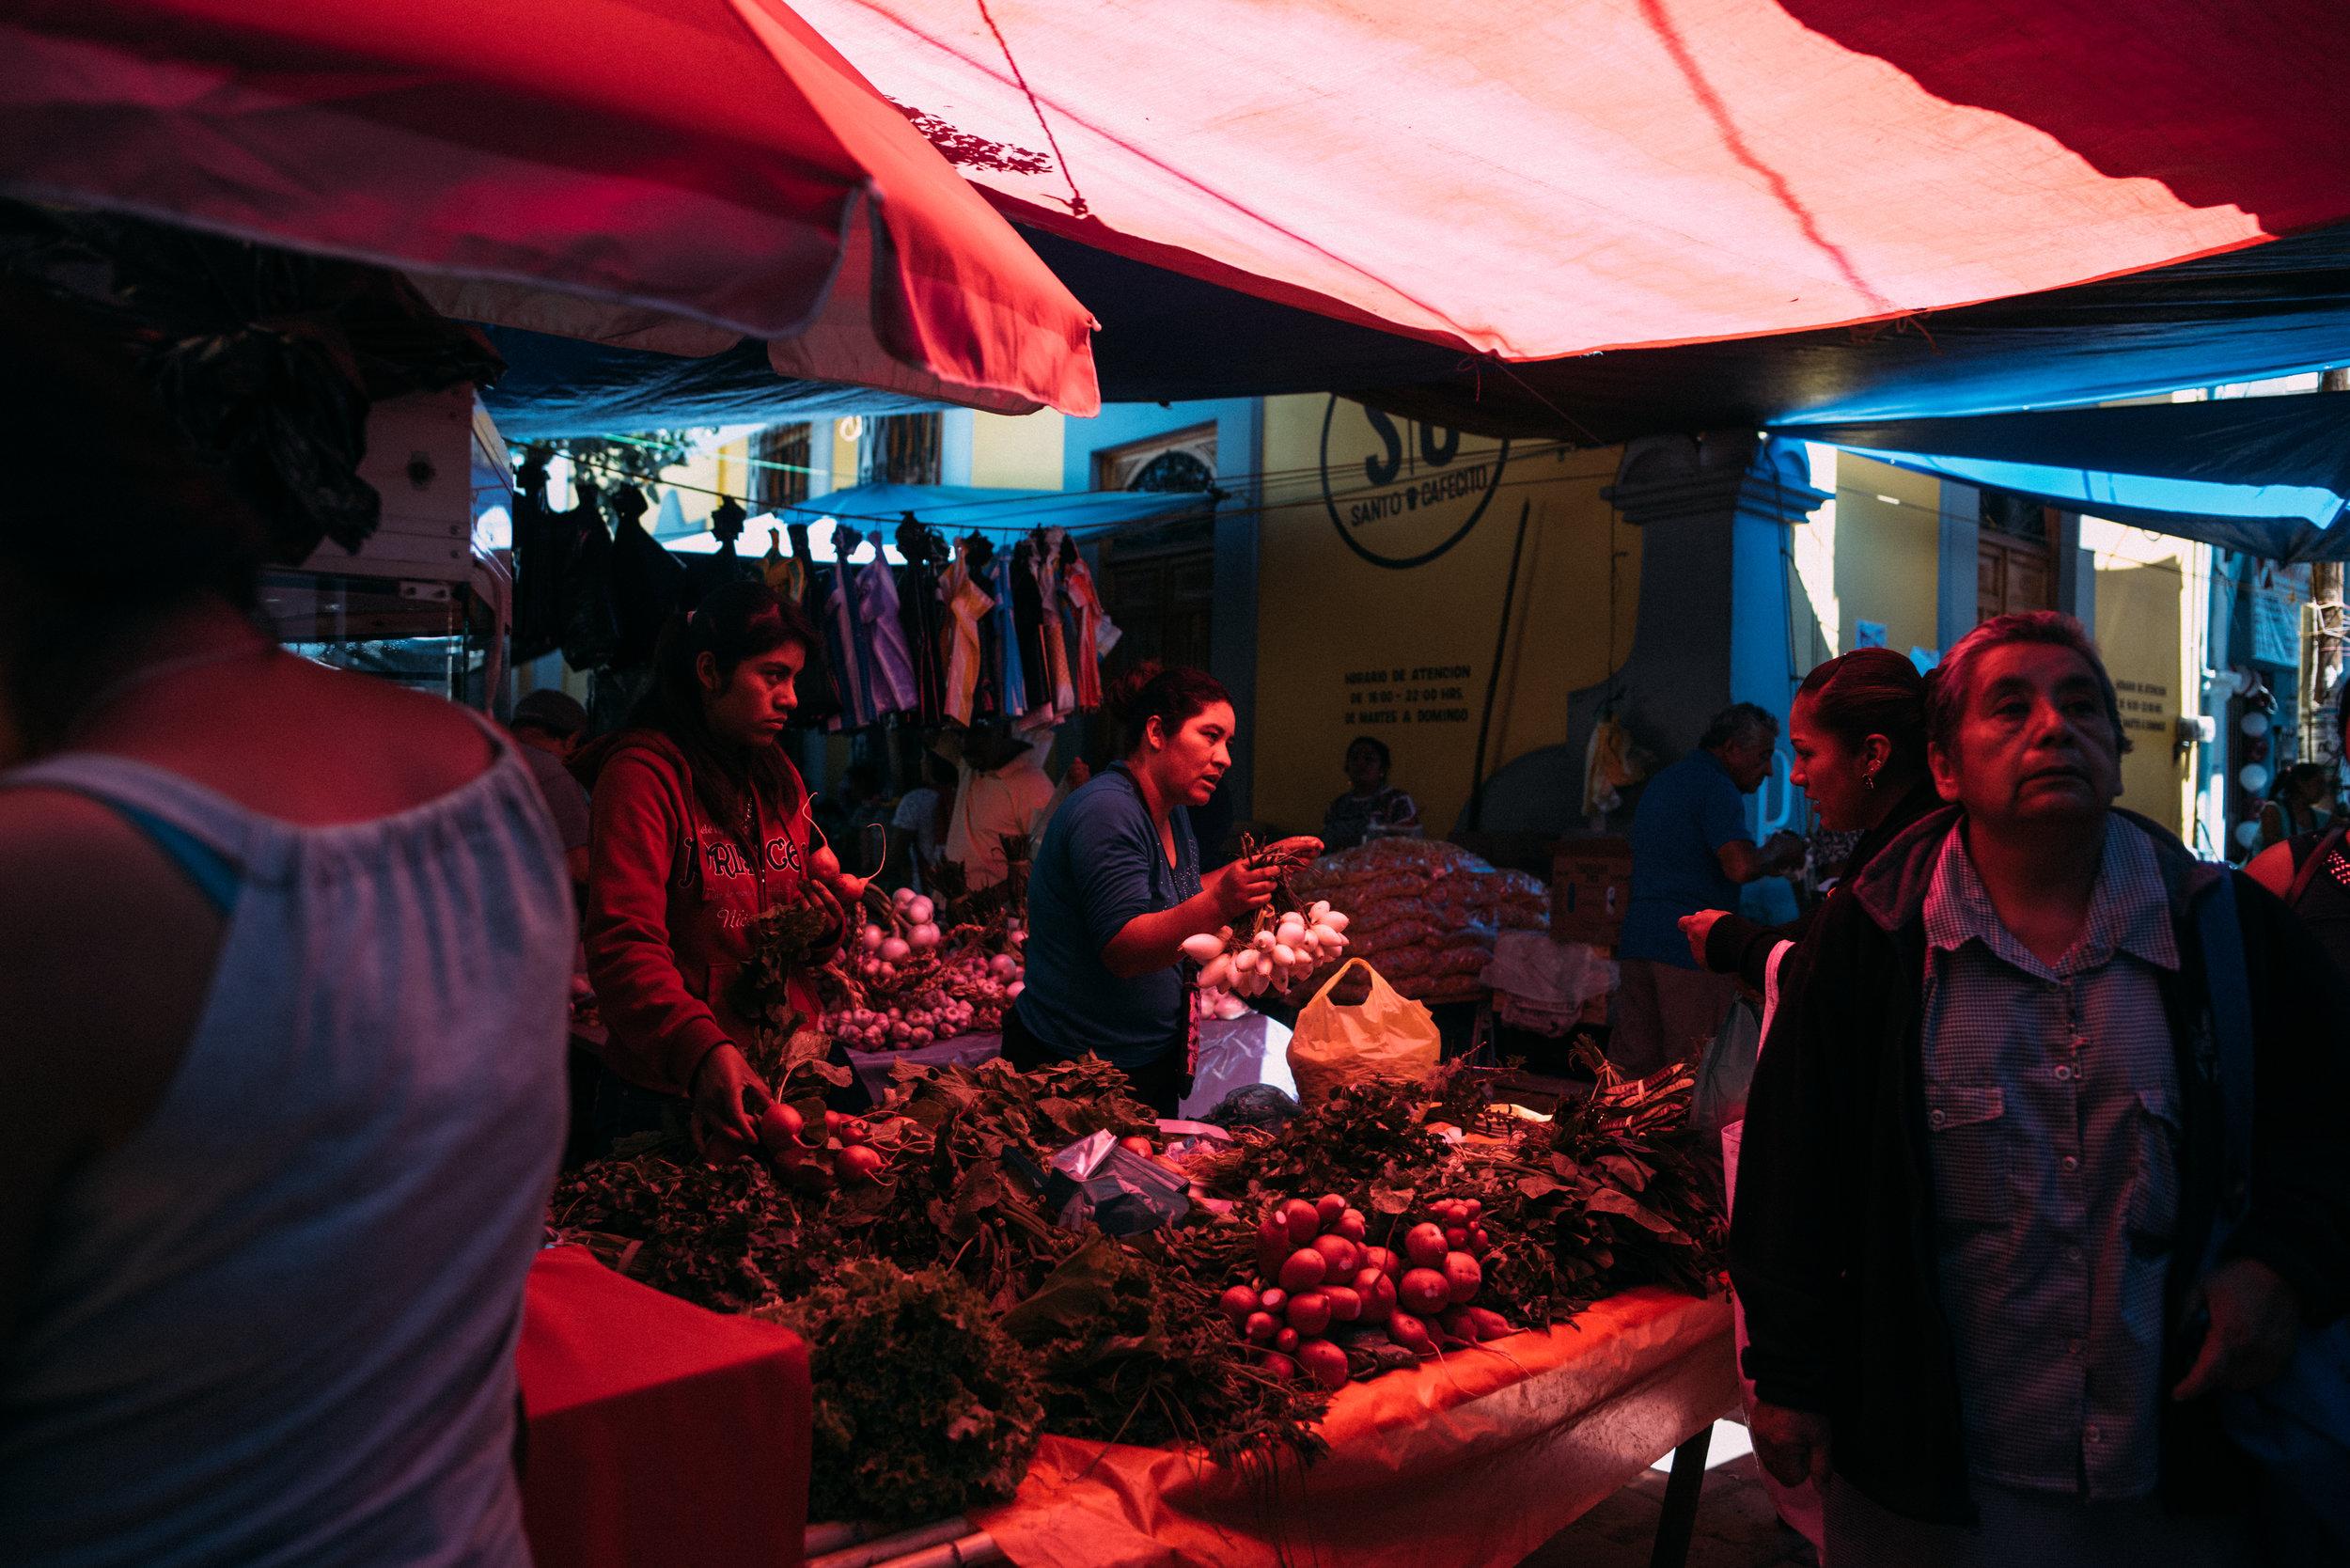 180625_Oaxaca_DustinFranz_Color_060.jpg